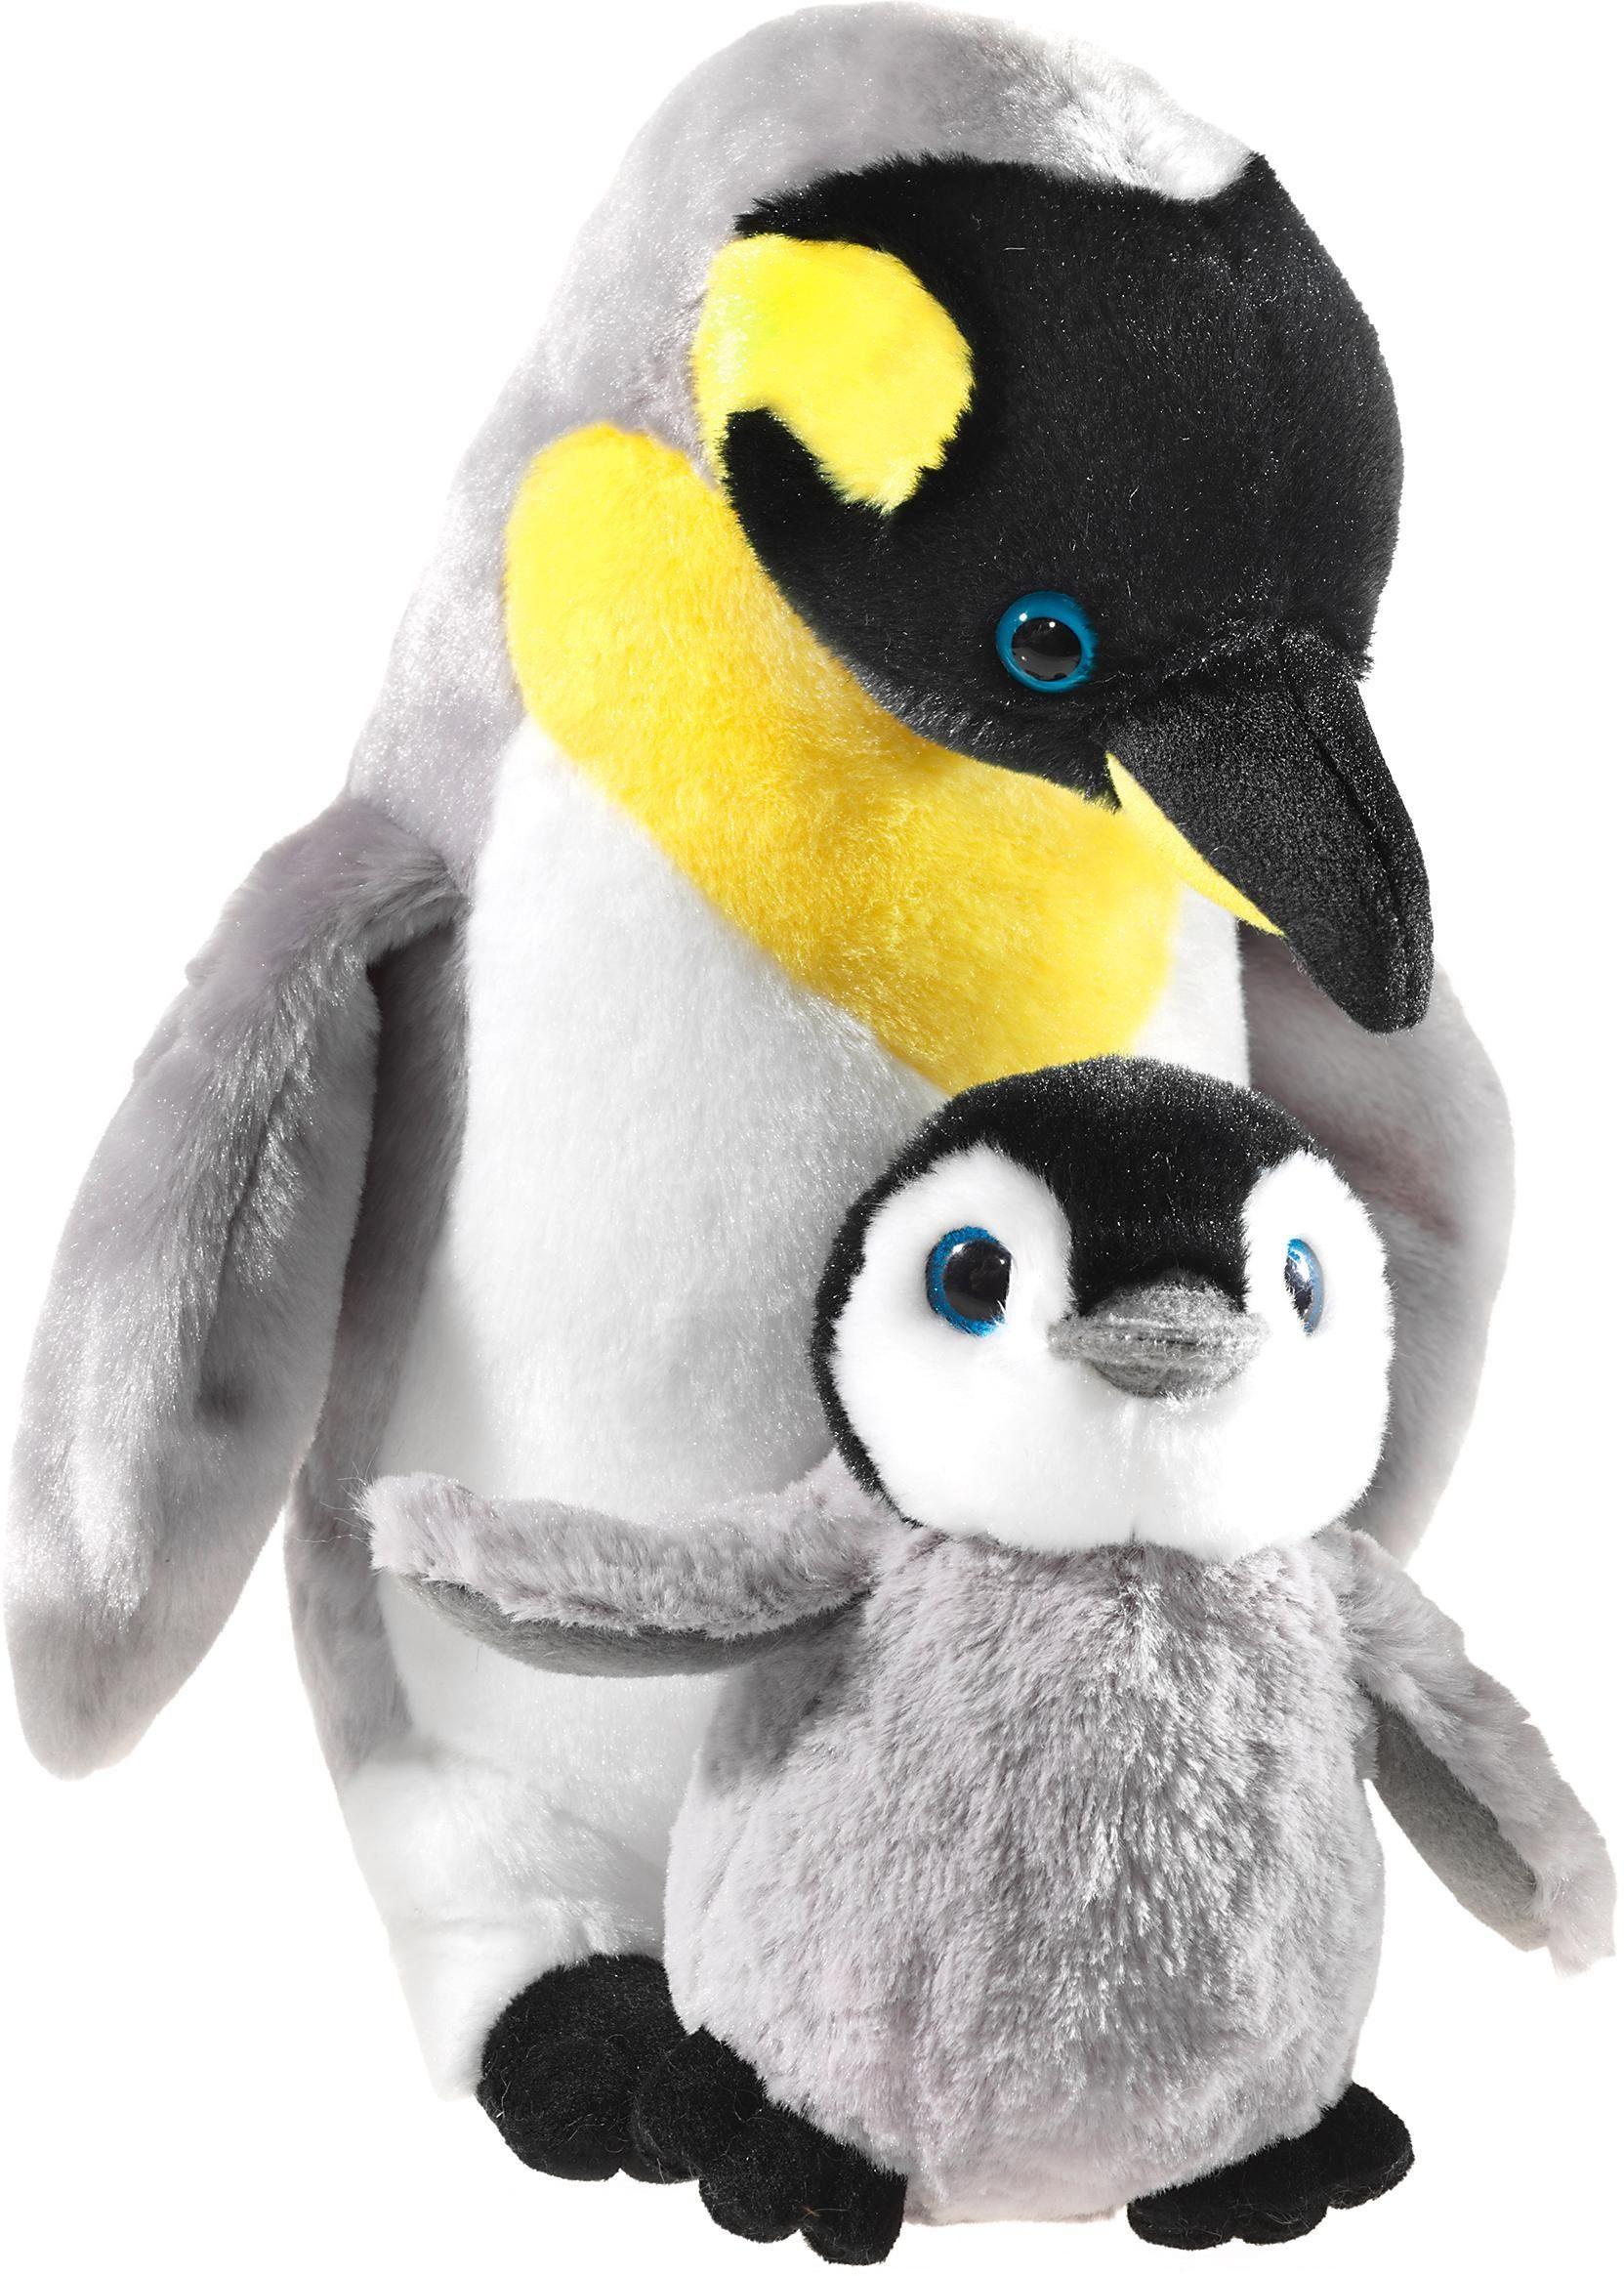 2 Stück Pinguin 32 cm und16 cm Pinguin Kuscheltier Stofftier Arktis & Antarktis